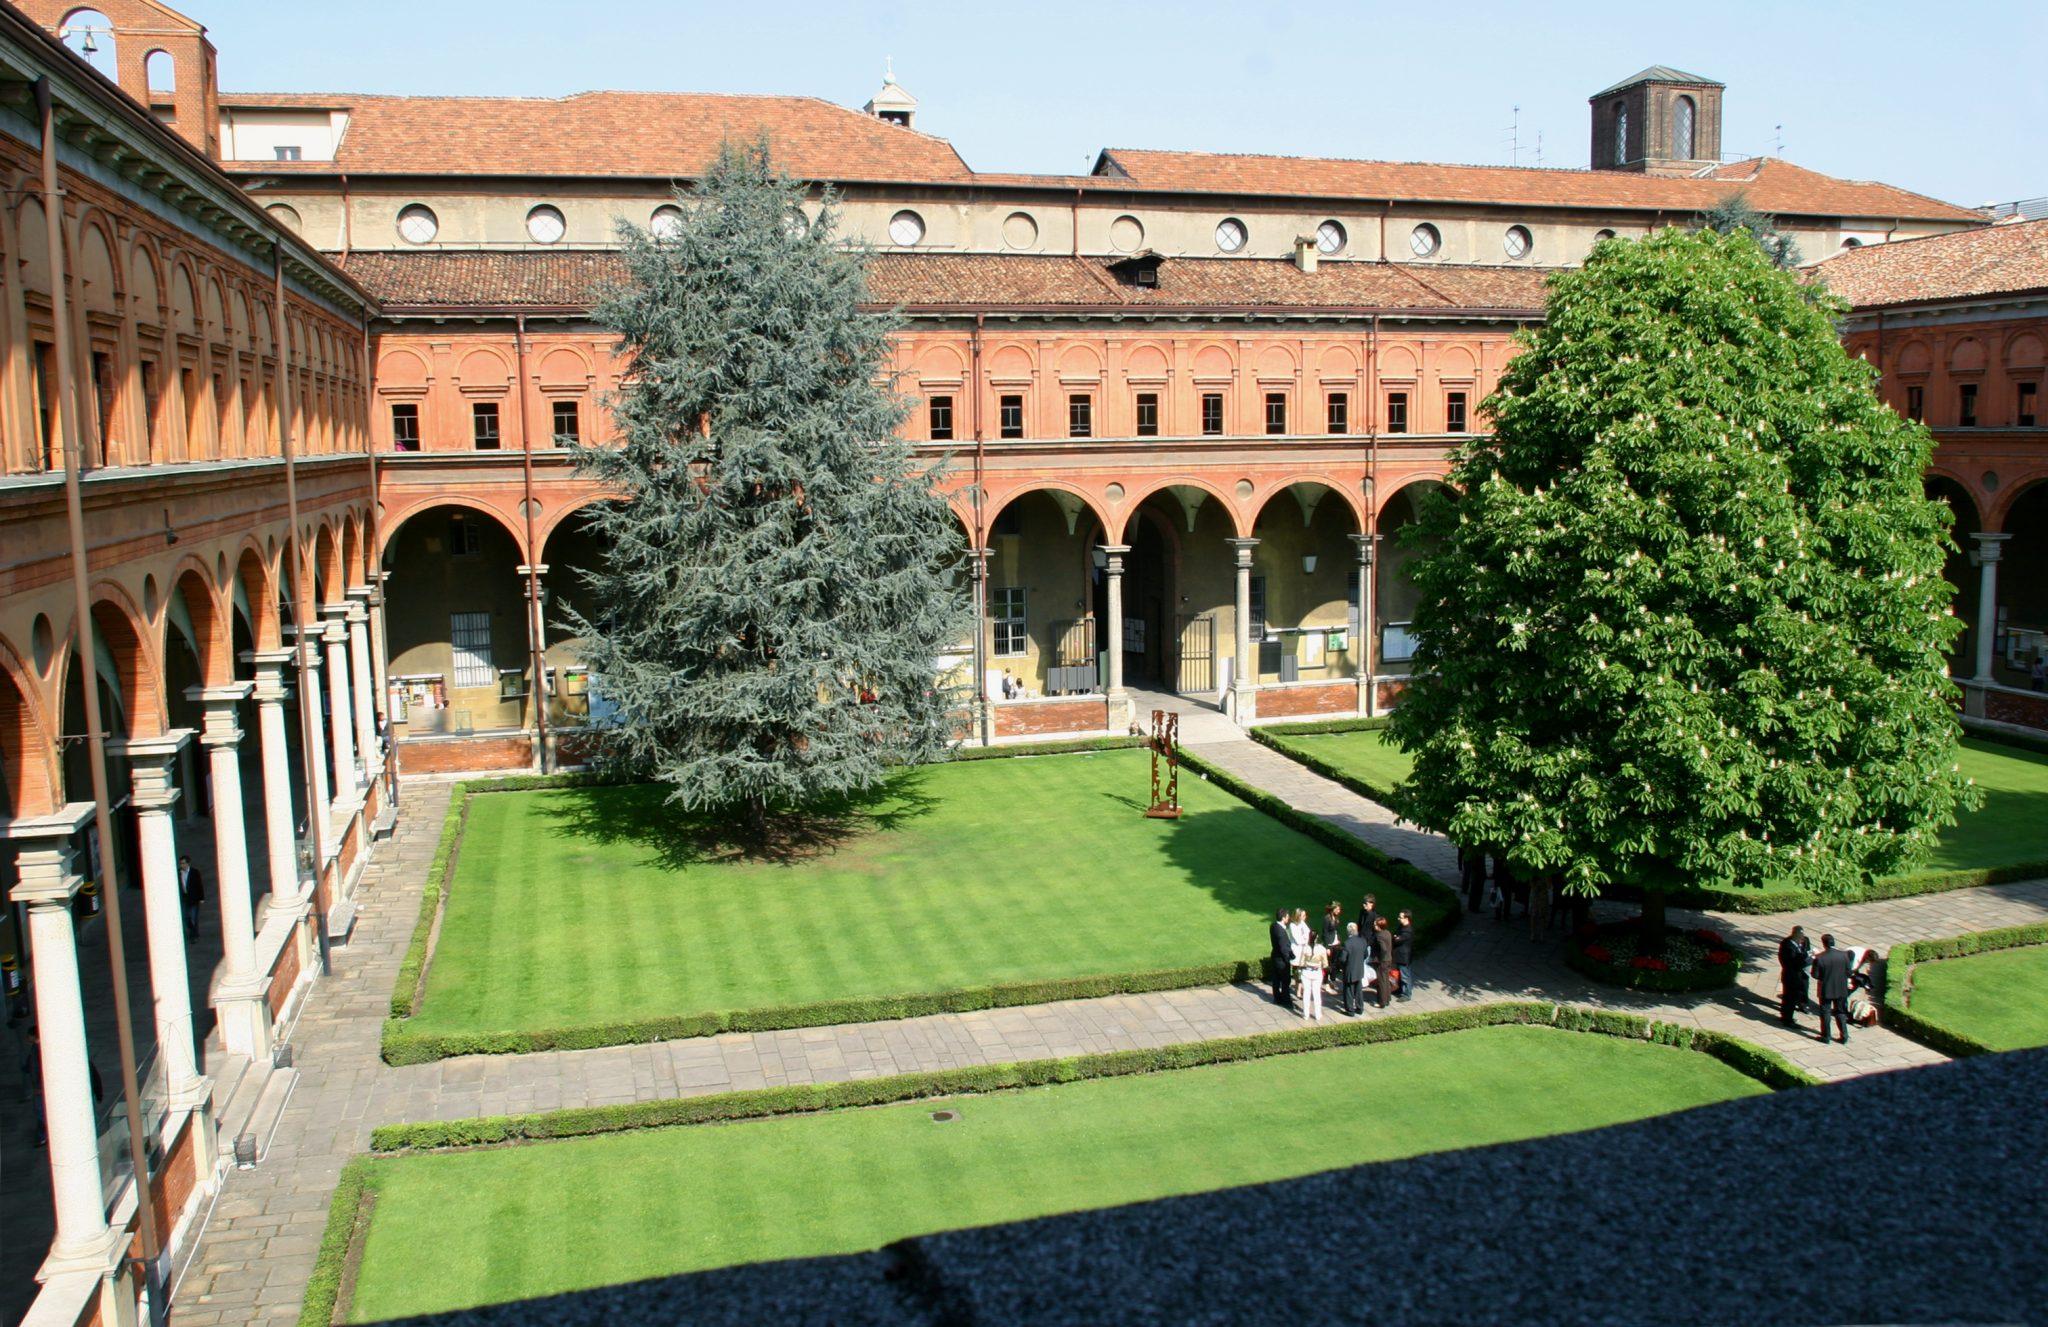 the Catholic University of the Sacred Heart